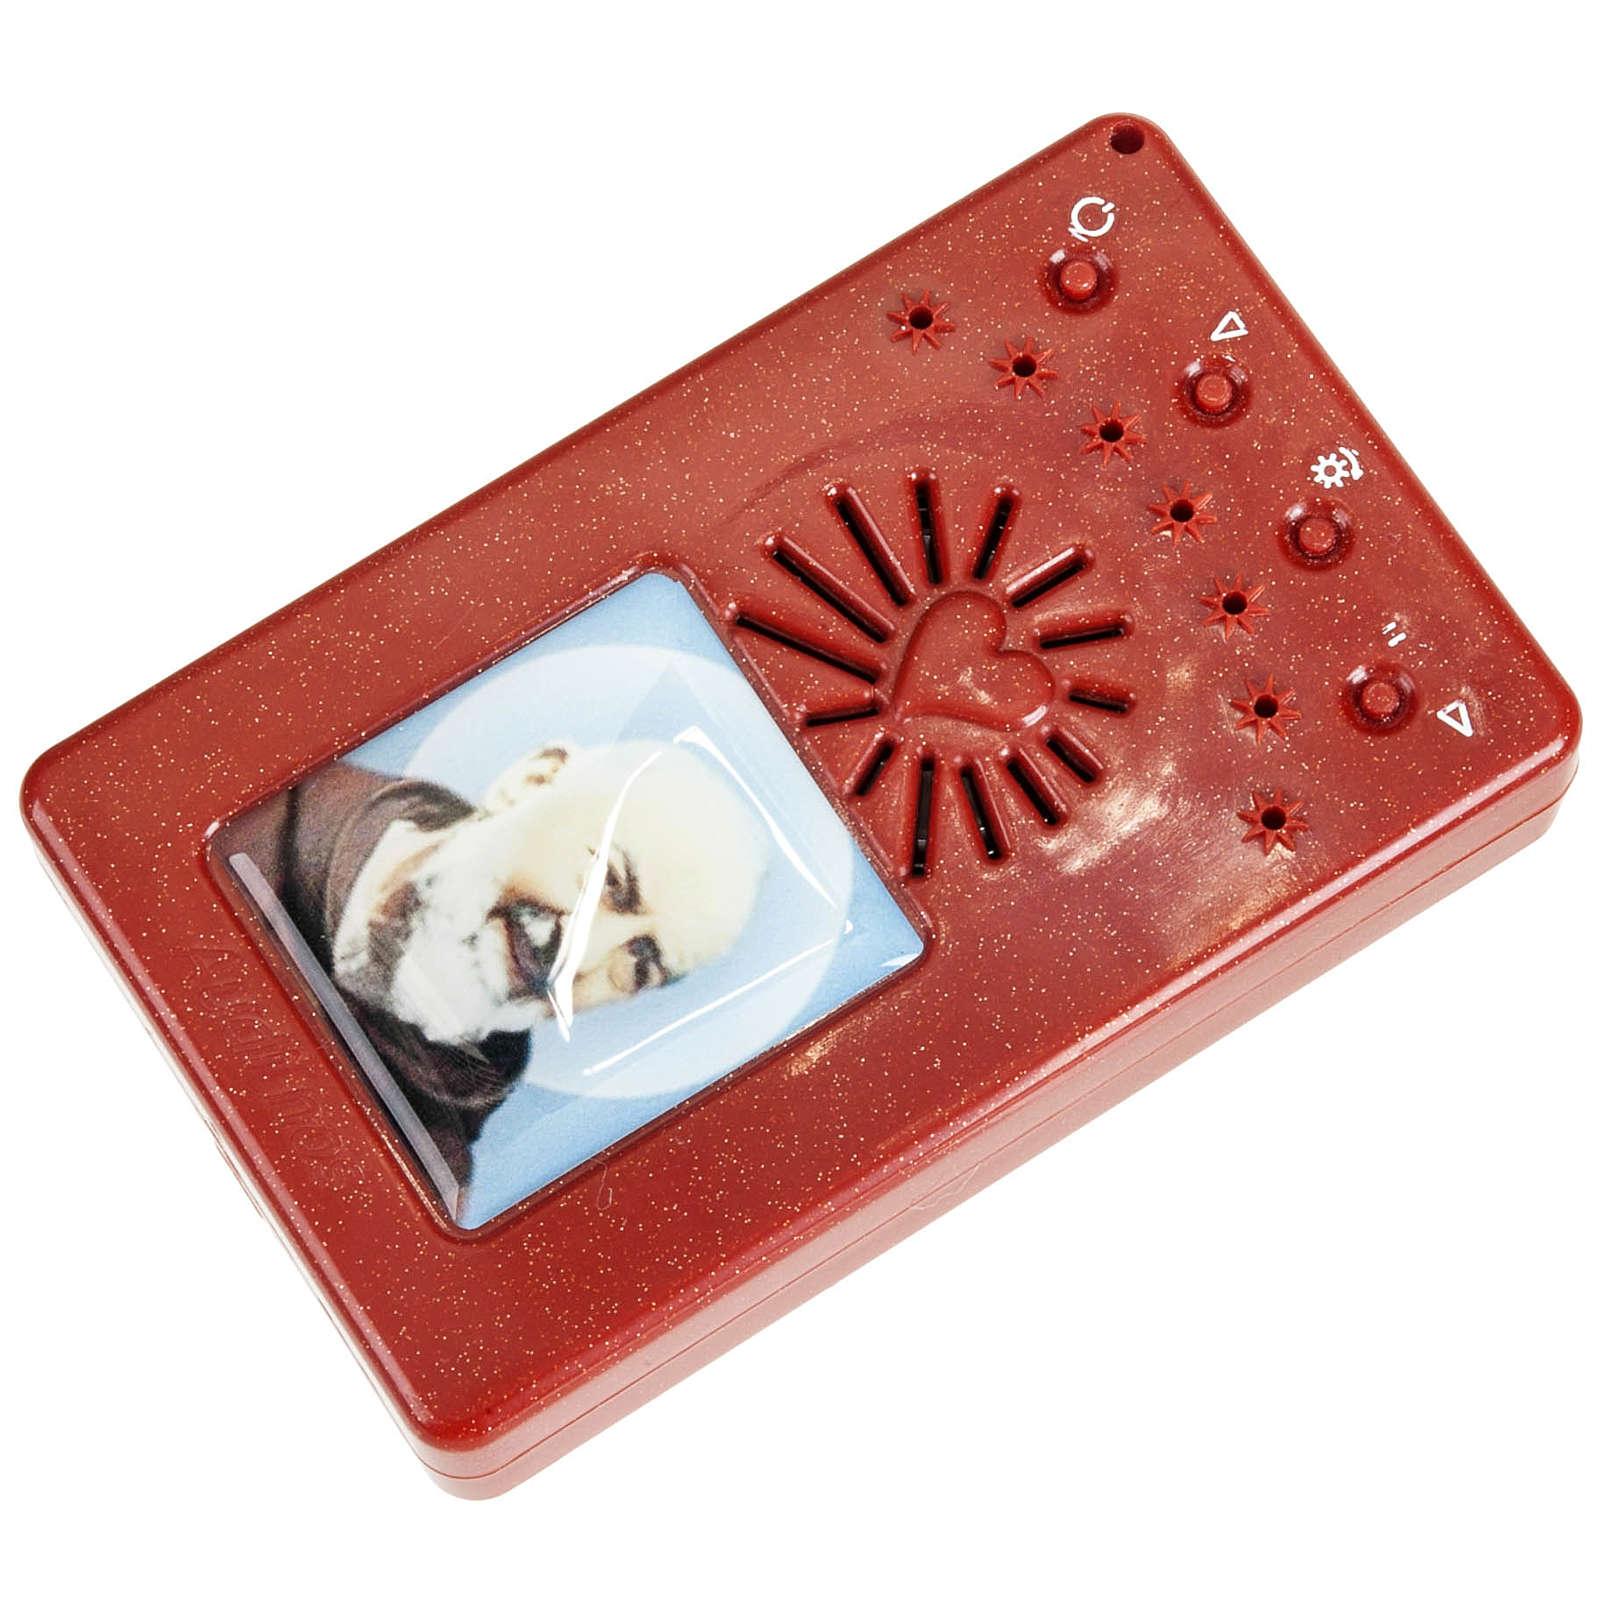 Rosario Elettronico Rosso Coroncina Divina Misericordia 4